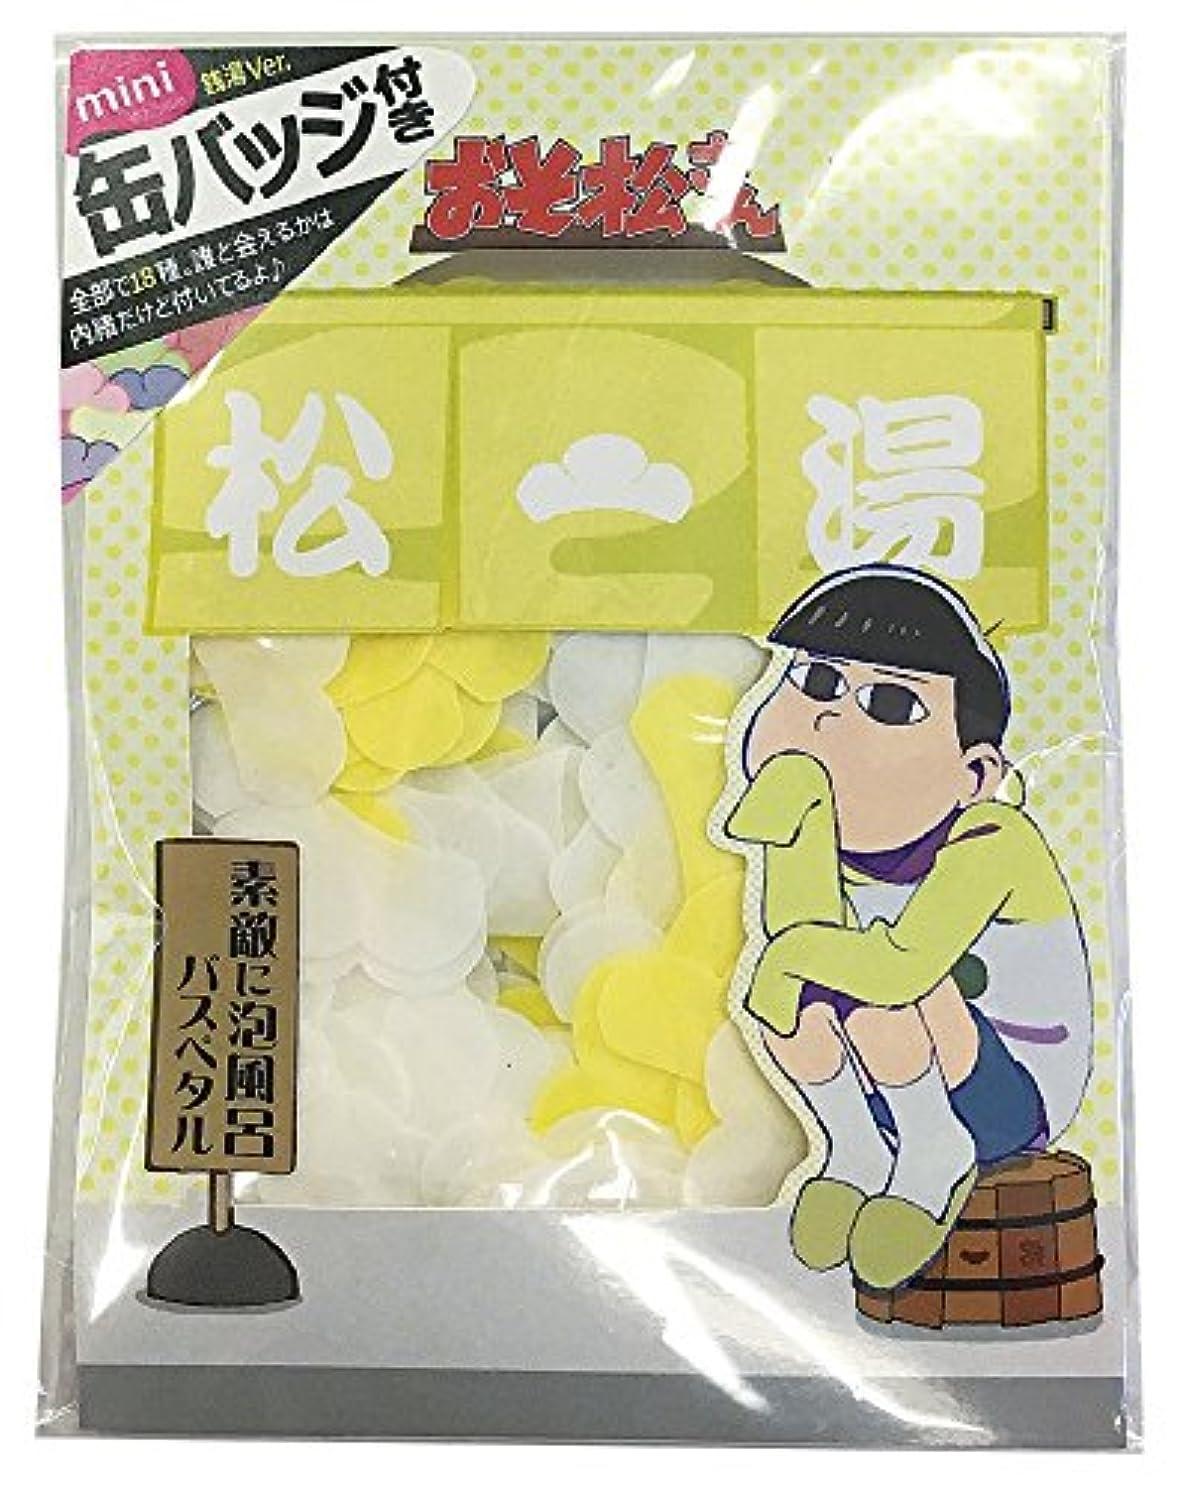 大型トラックフルーツおそ松さん 入浴剤 バスペタル 十四松 香り付き ミニ缶バッジ付き ABD-001-005